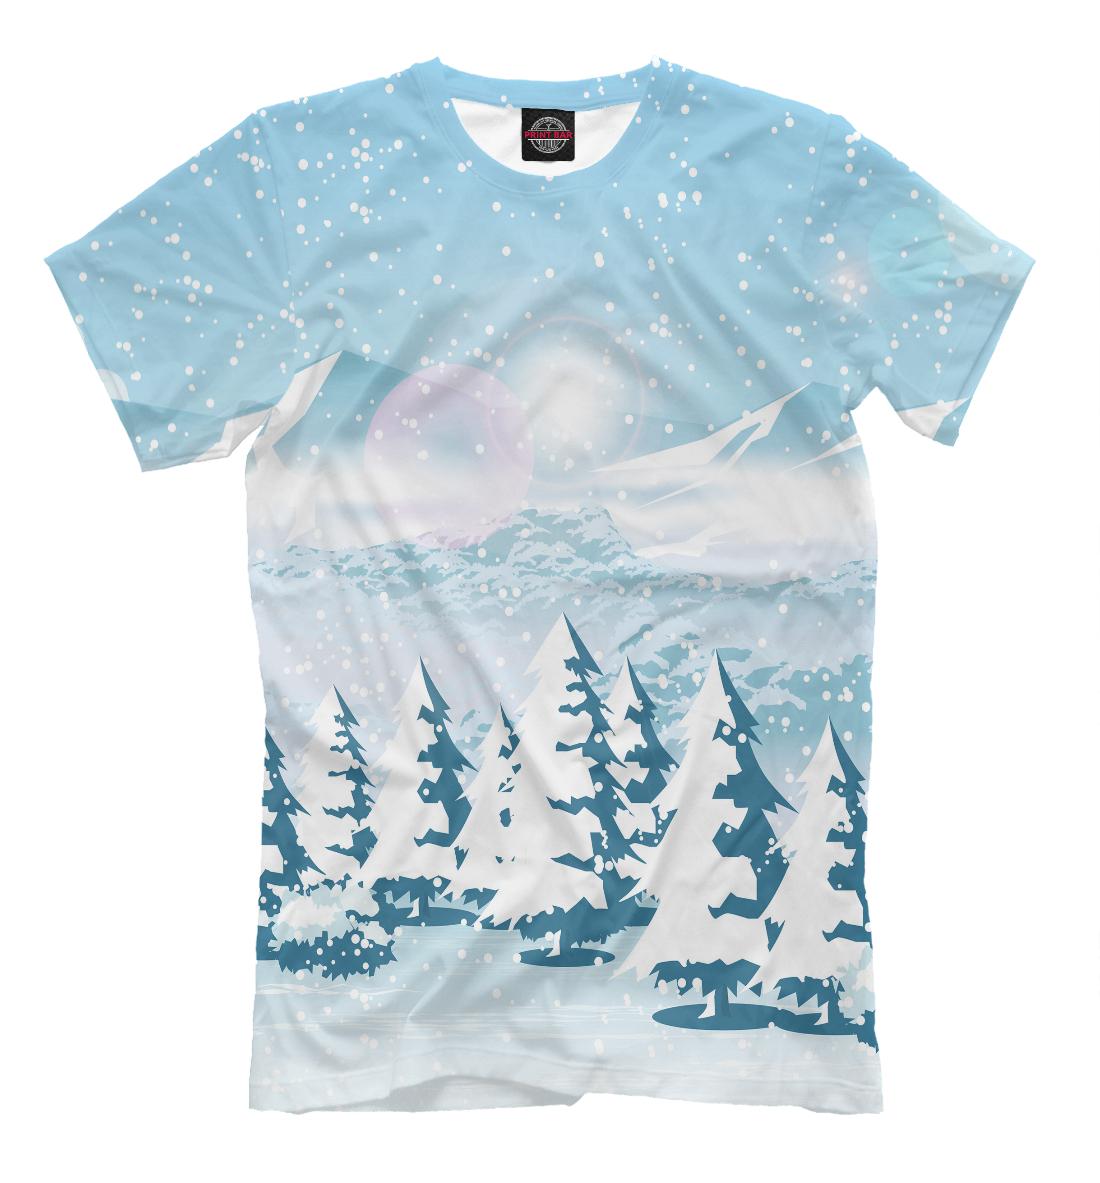 Купить Зимний пейзаж, Printbar, Футболки, PEY-100044-fut-2